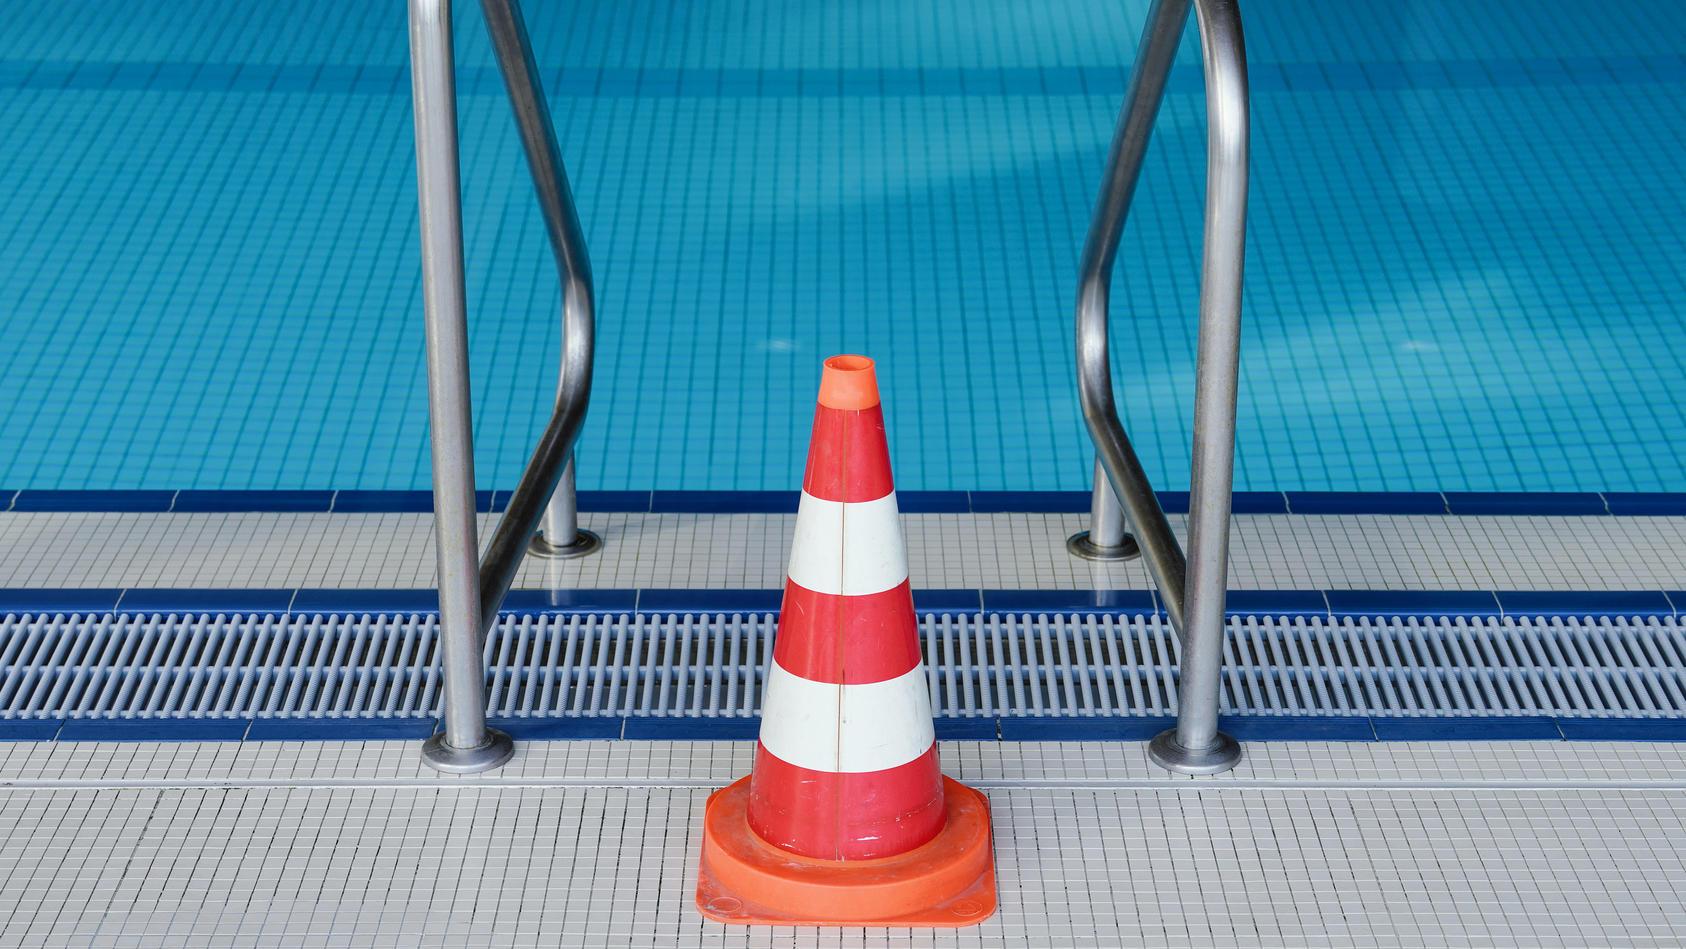 Nach einem Badeunfall haben zwei Kinder einen Elfjährigen aus einem Schwimmbecken geborgen (Symbolbild).